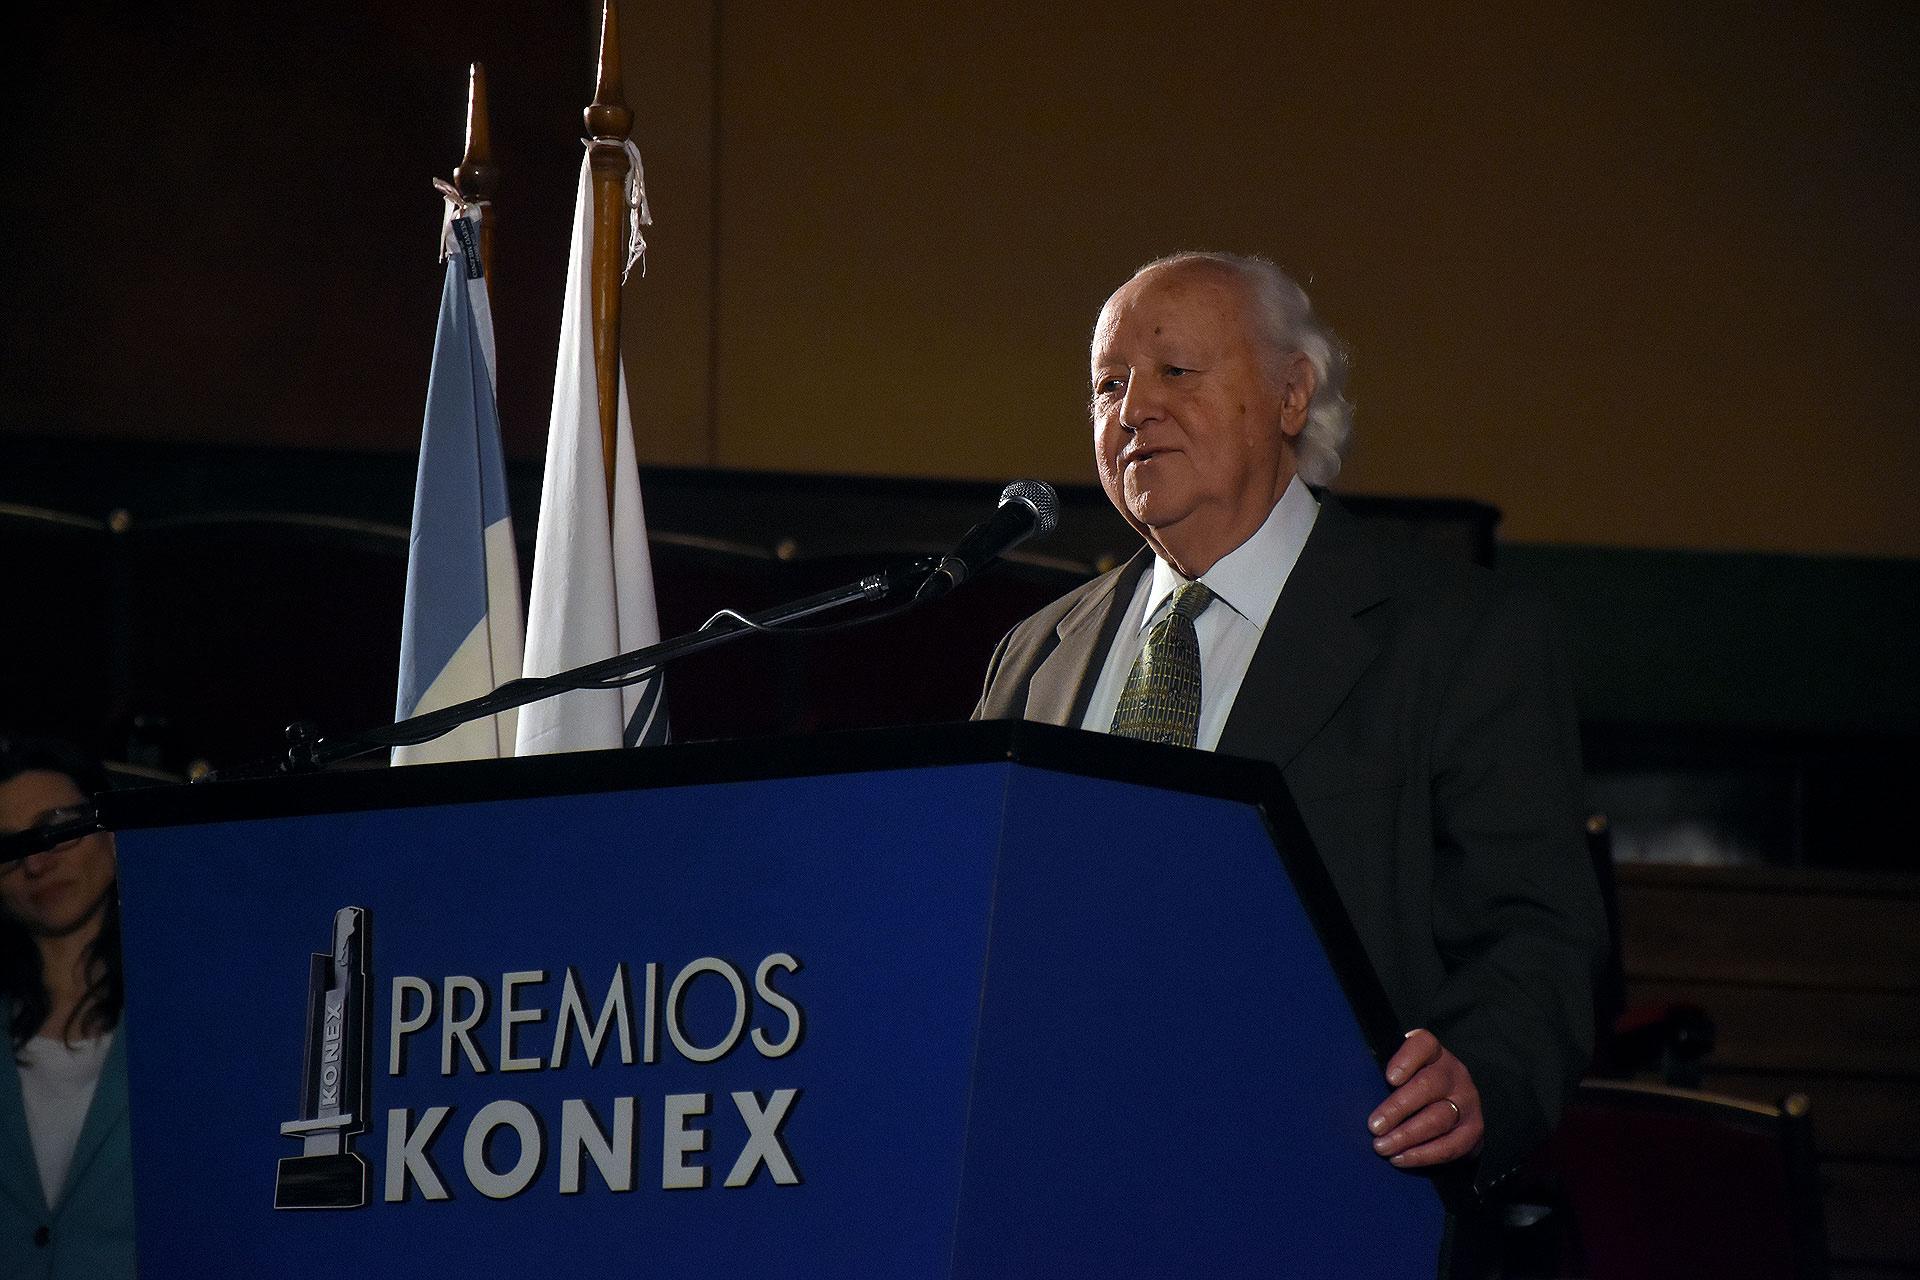 El director del gran Jurado Mario Perusso